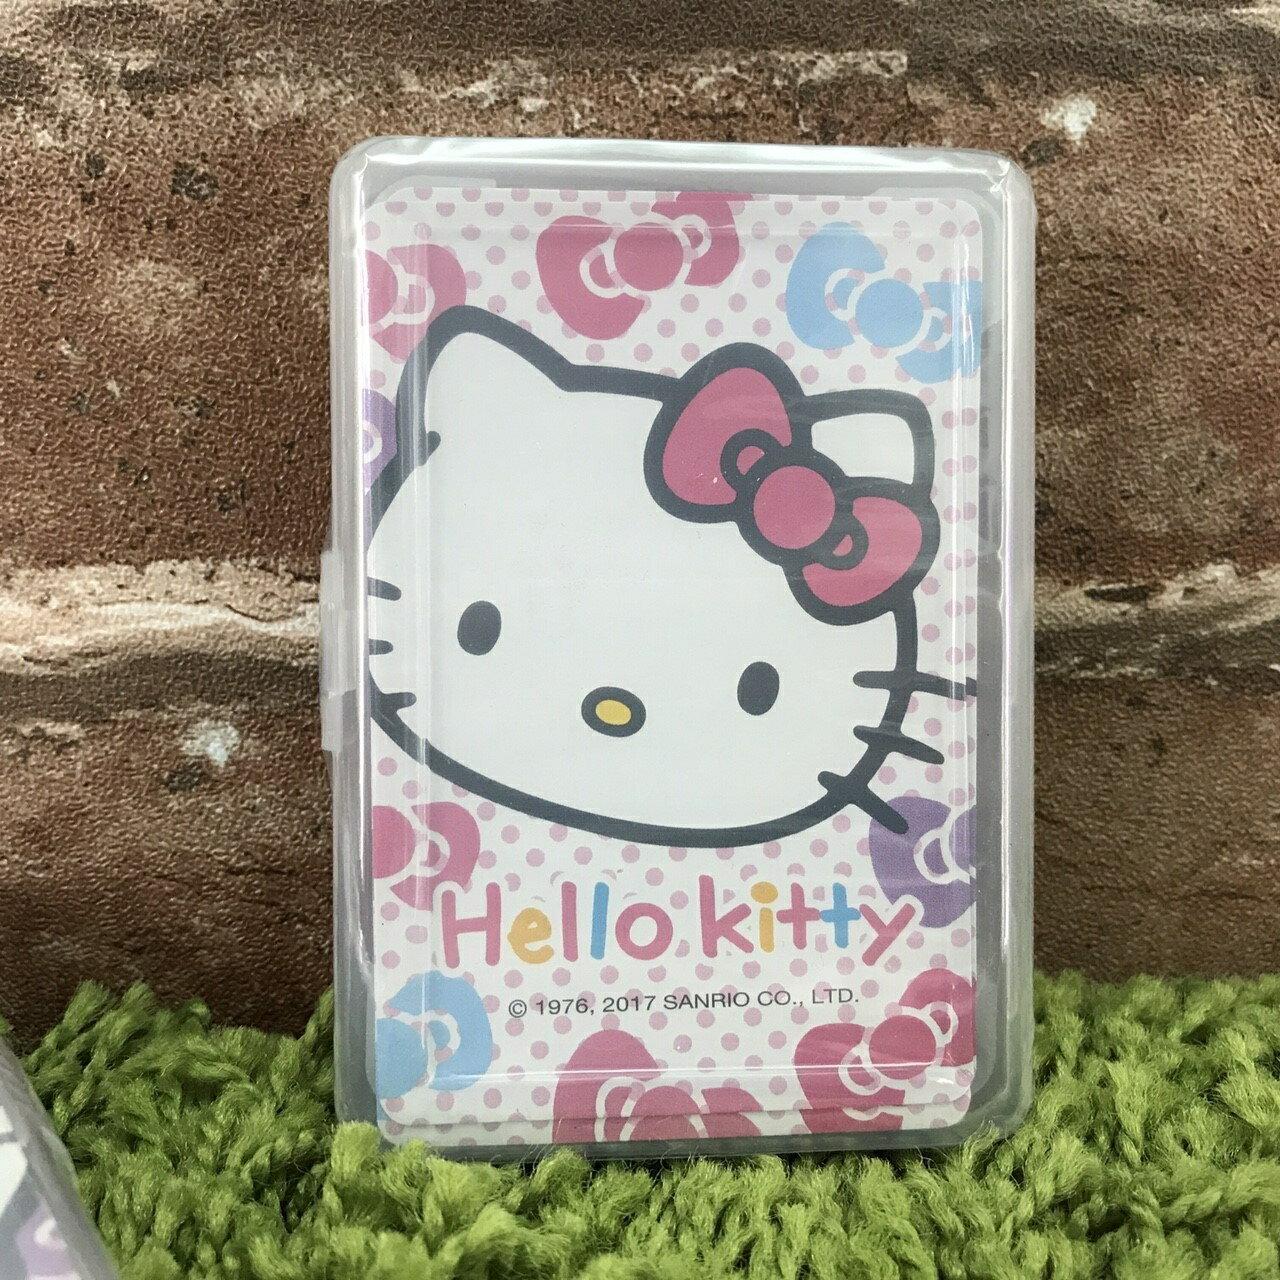 【真愛日本】17090900007 新潮撲克牌-KT大臉彩結 三麗鷗 kitty 凱蒂貓 桌遊 休閒娛樂 玩具